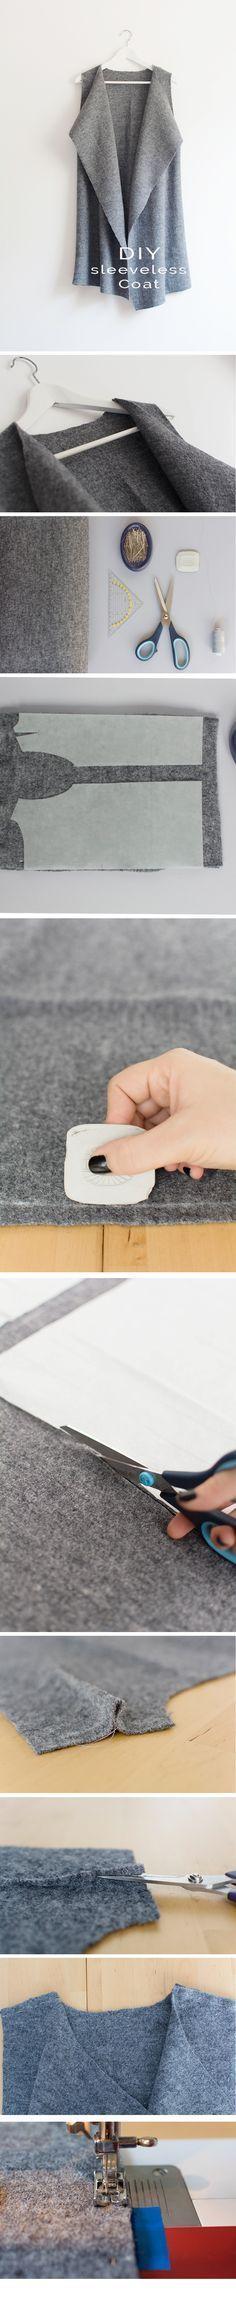 tulpen rmel n hen tutorial manche rmel und bilder. Black Bedroom Furniture Sets. Home Design Ideas